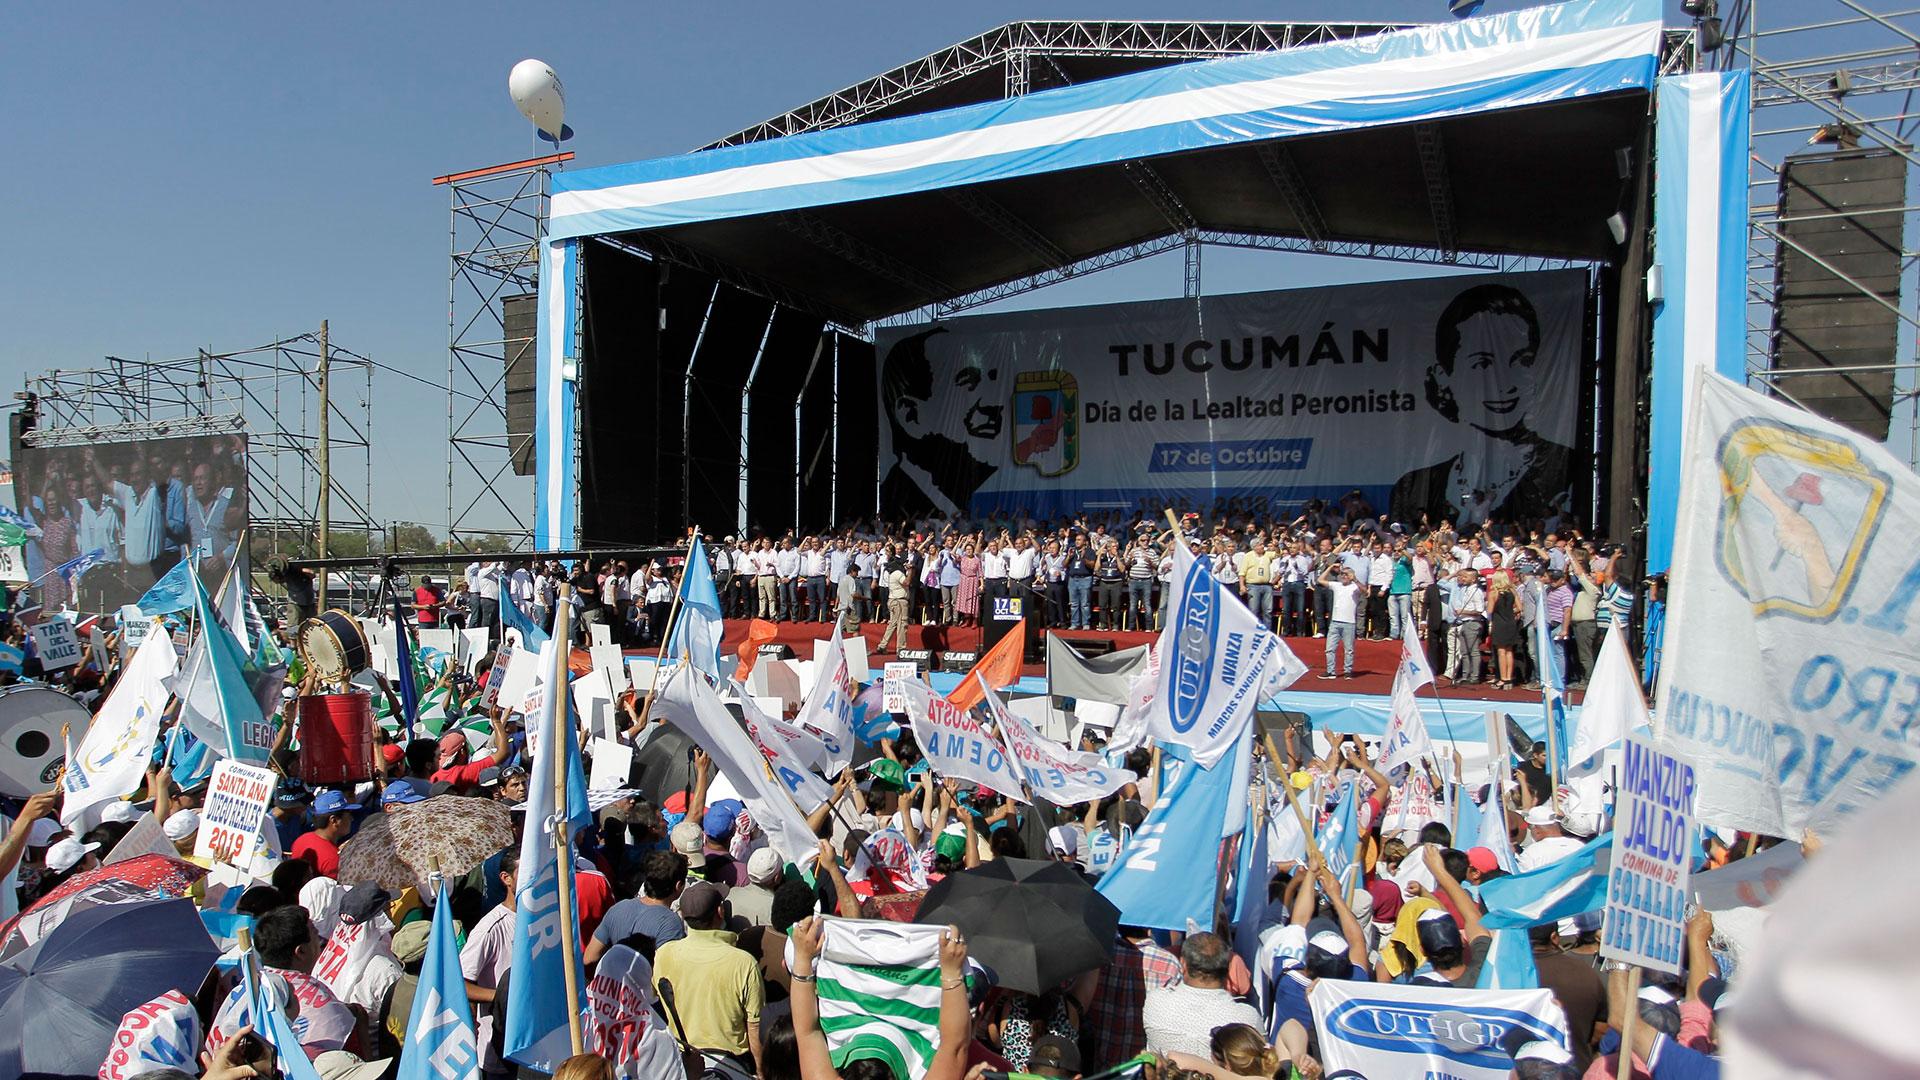 El palco con los dirigentes peronistas, en una jornada calurosa en Tucumán